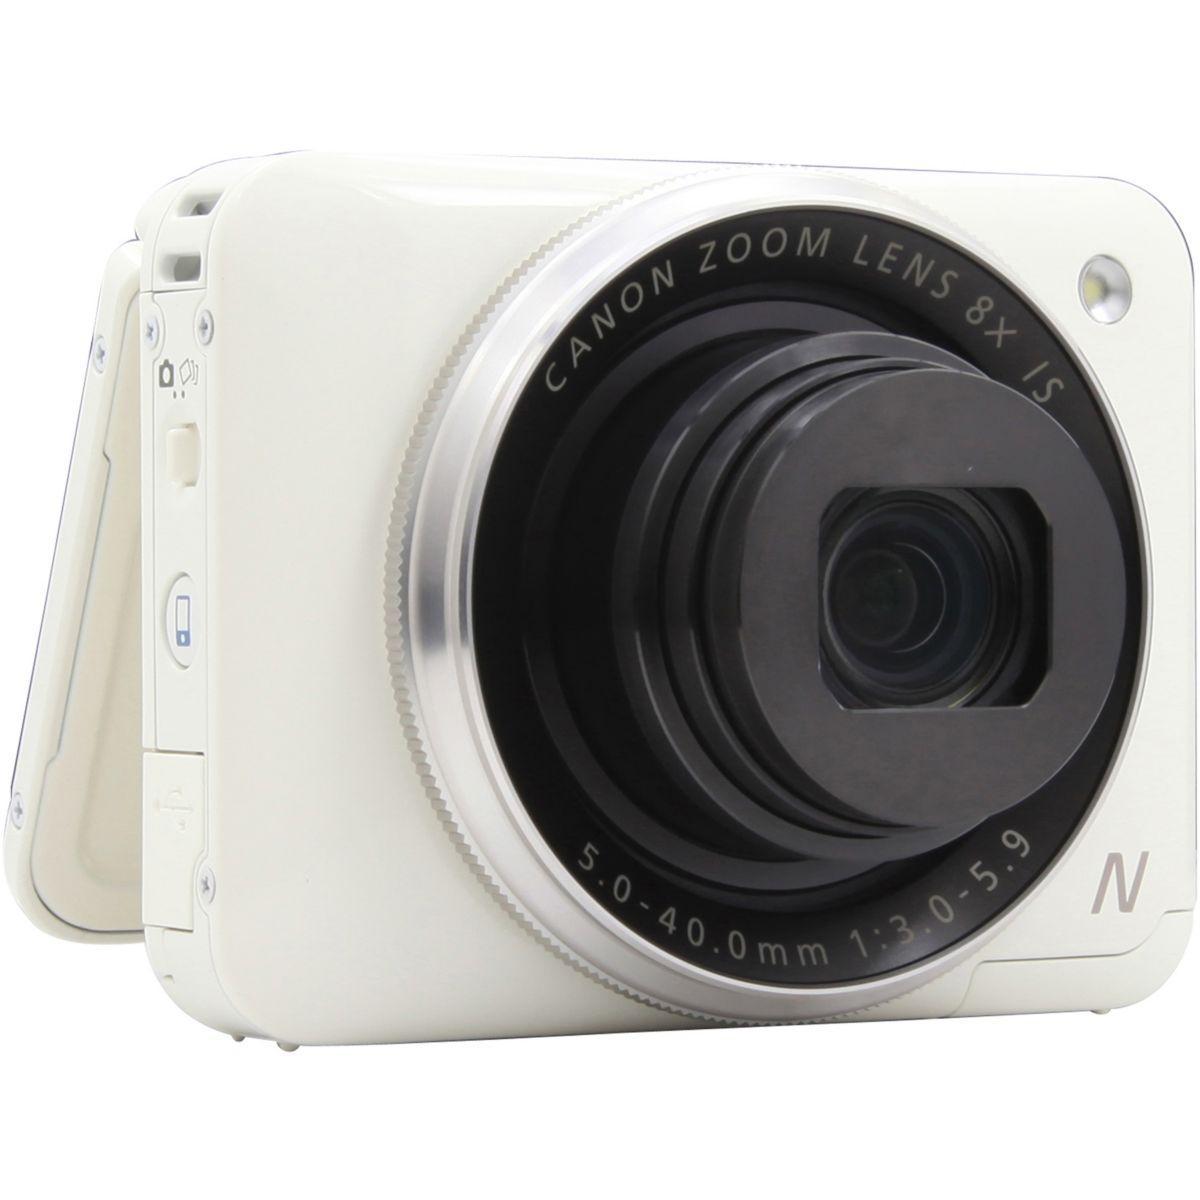 Appareil photo compact canon powershot n2 - 2% de remise immédiate avec le code : wd2 (photo)